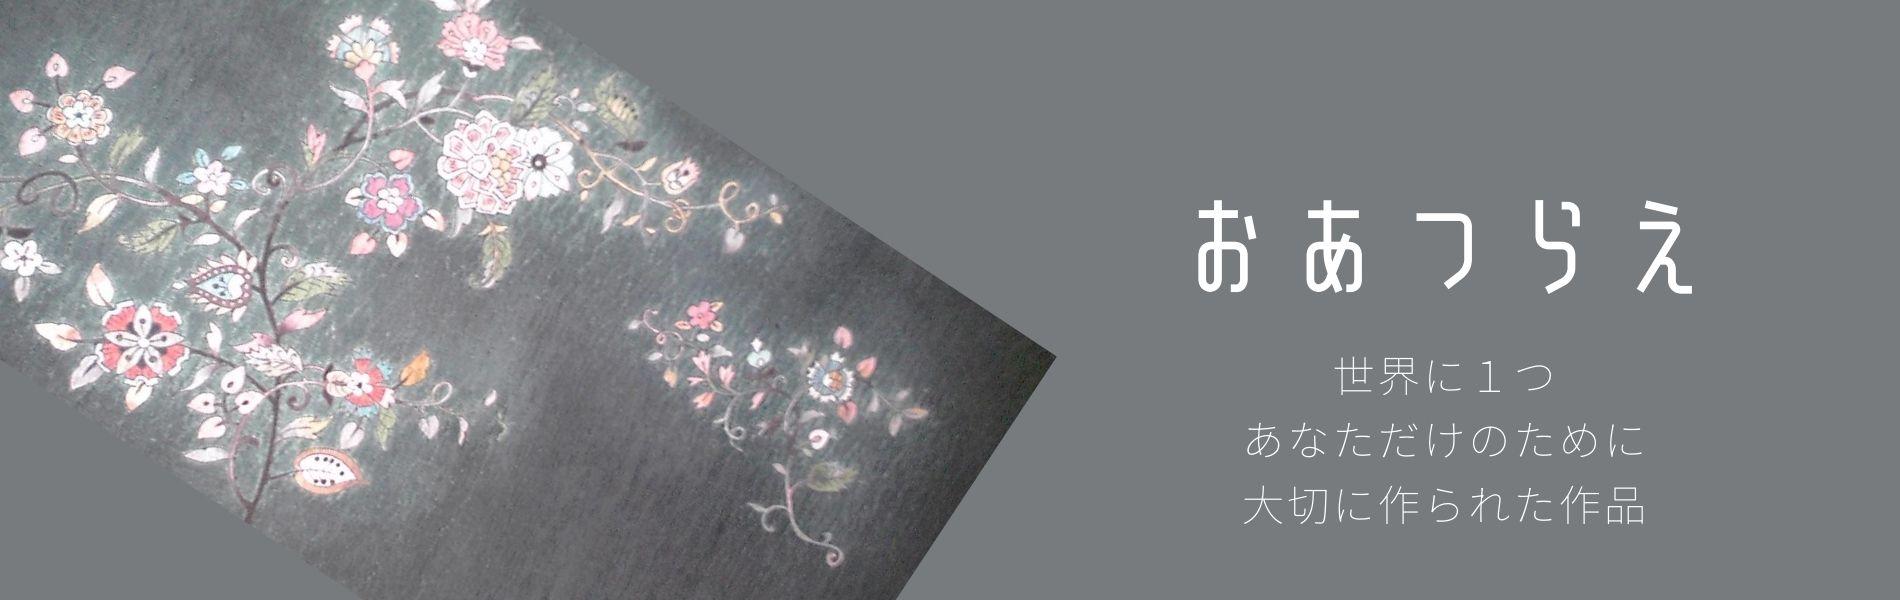 京都市北野天満宮近くにある手描き友禅の工房 60年以上の実績 植物染 友禅師 山本晃